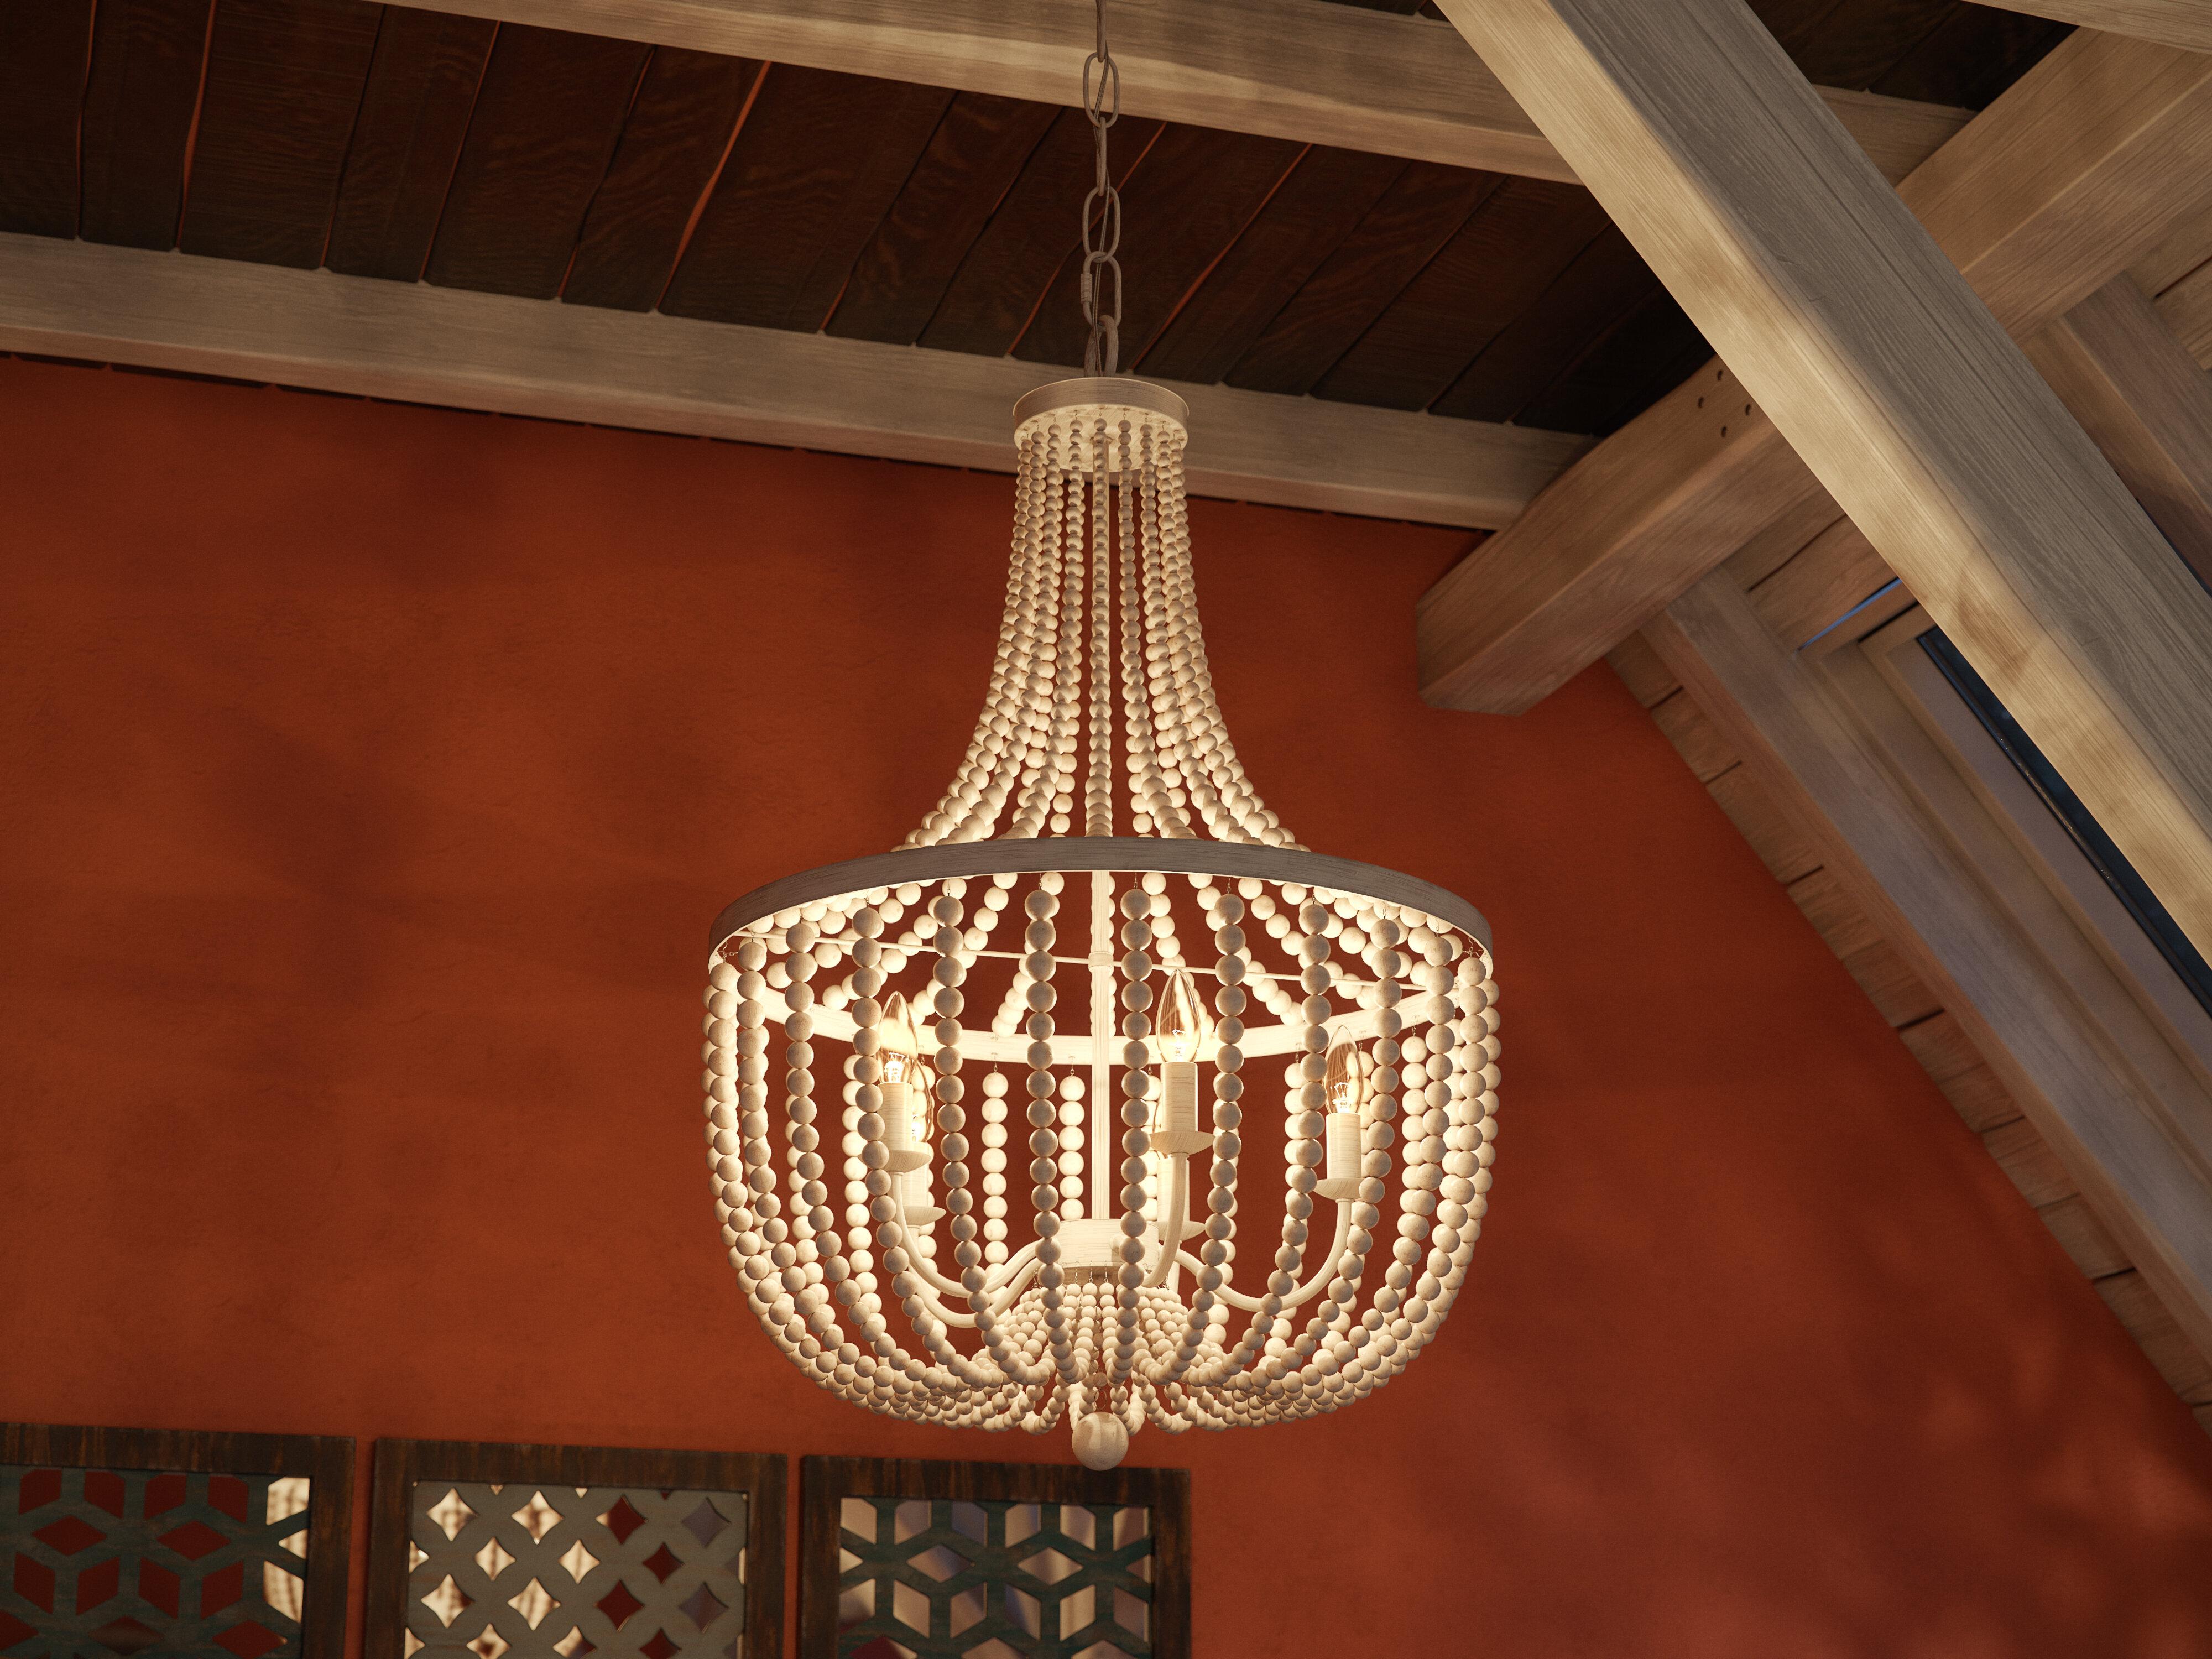 Tilden Wood Bead 5 Light Empire Chandelier Throughout Duron 5 Light Empire Chandeliers (View 12 of 30)